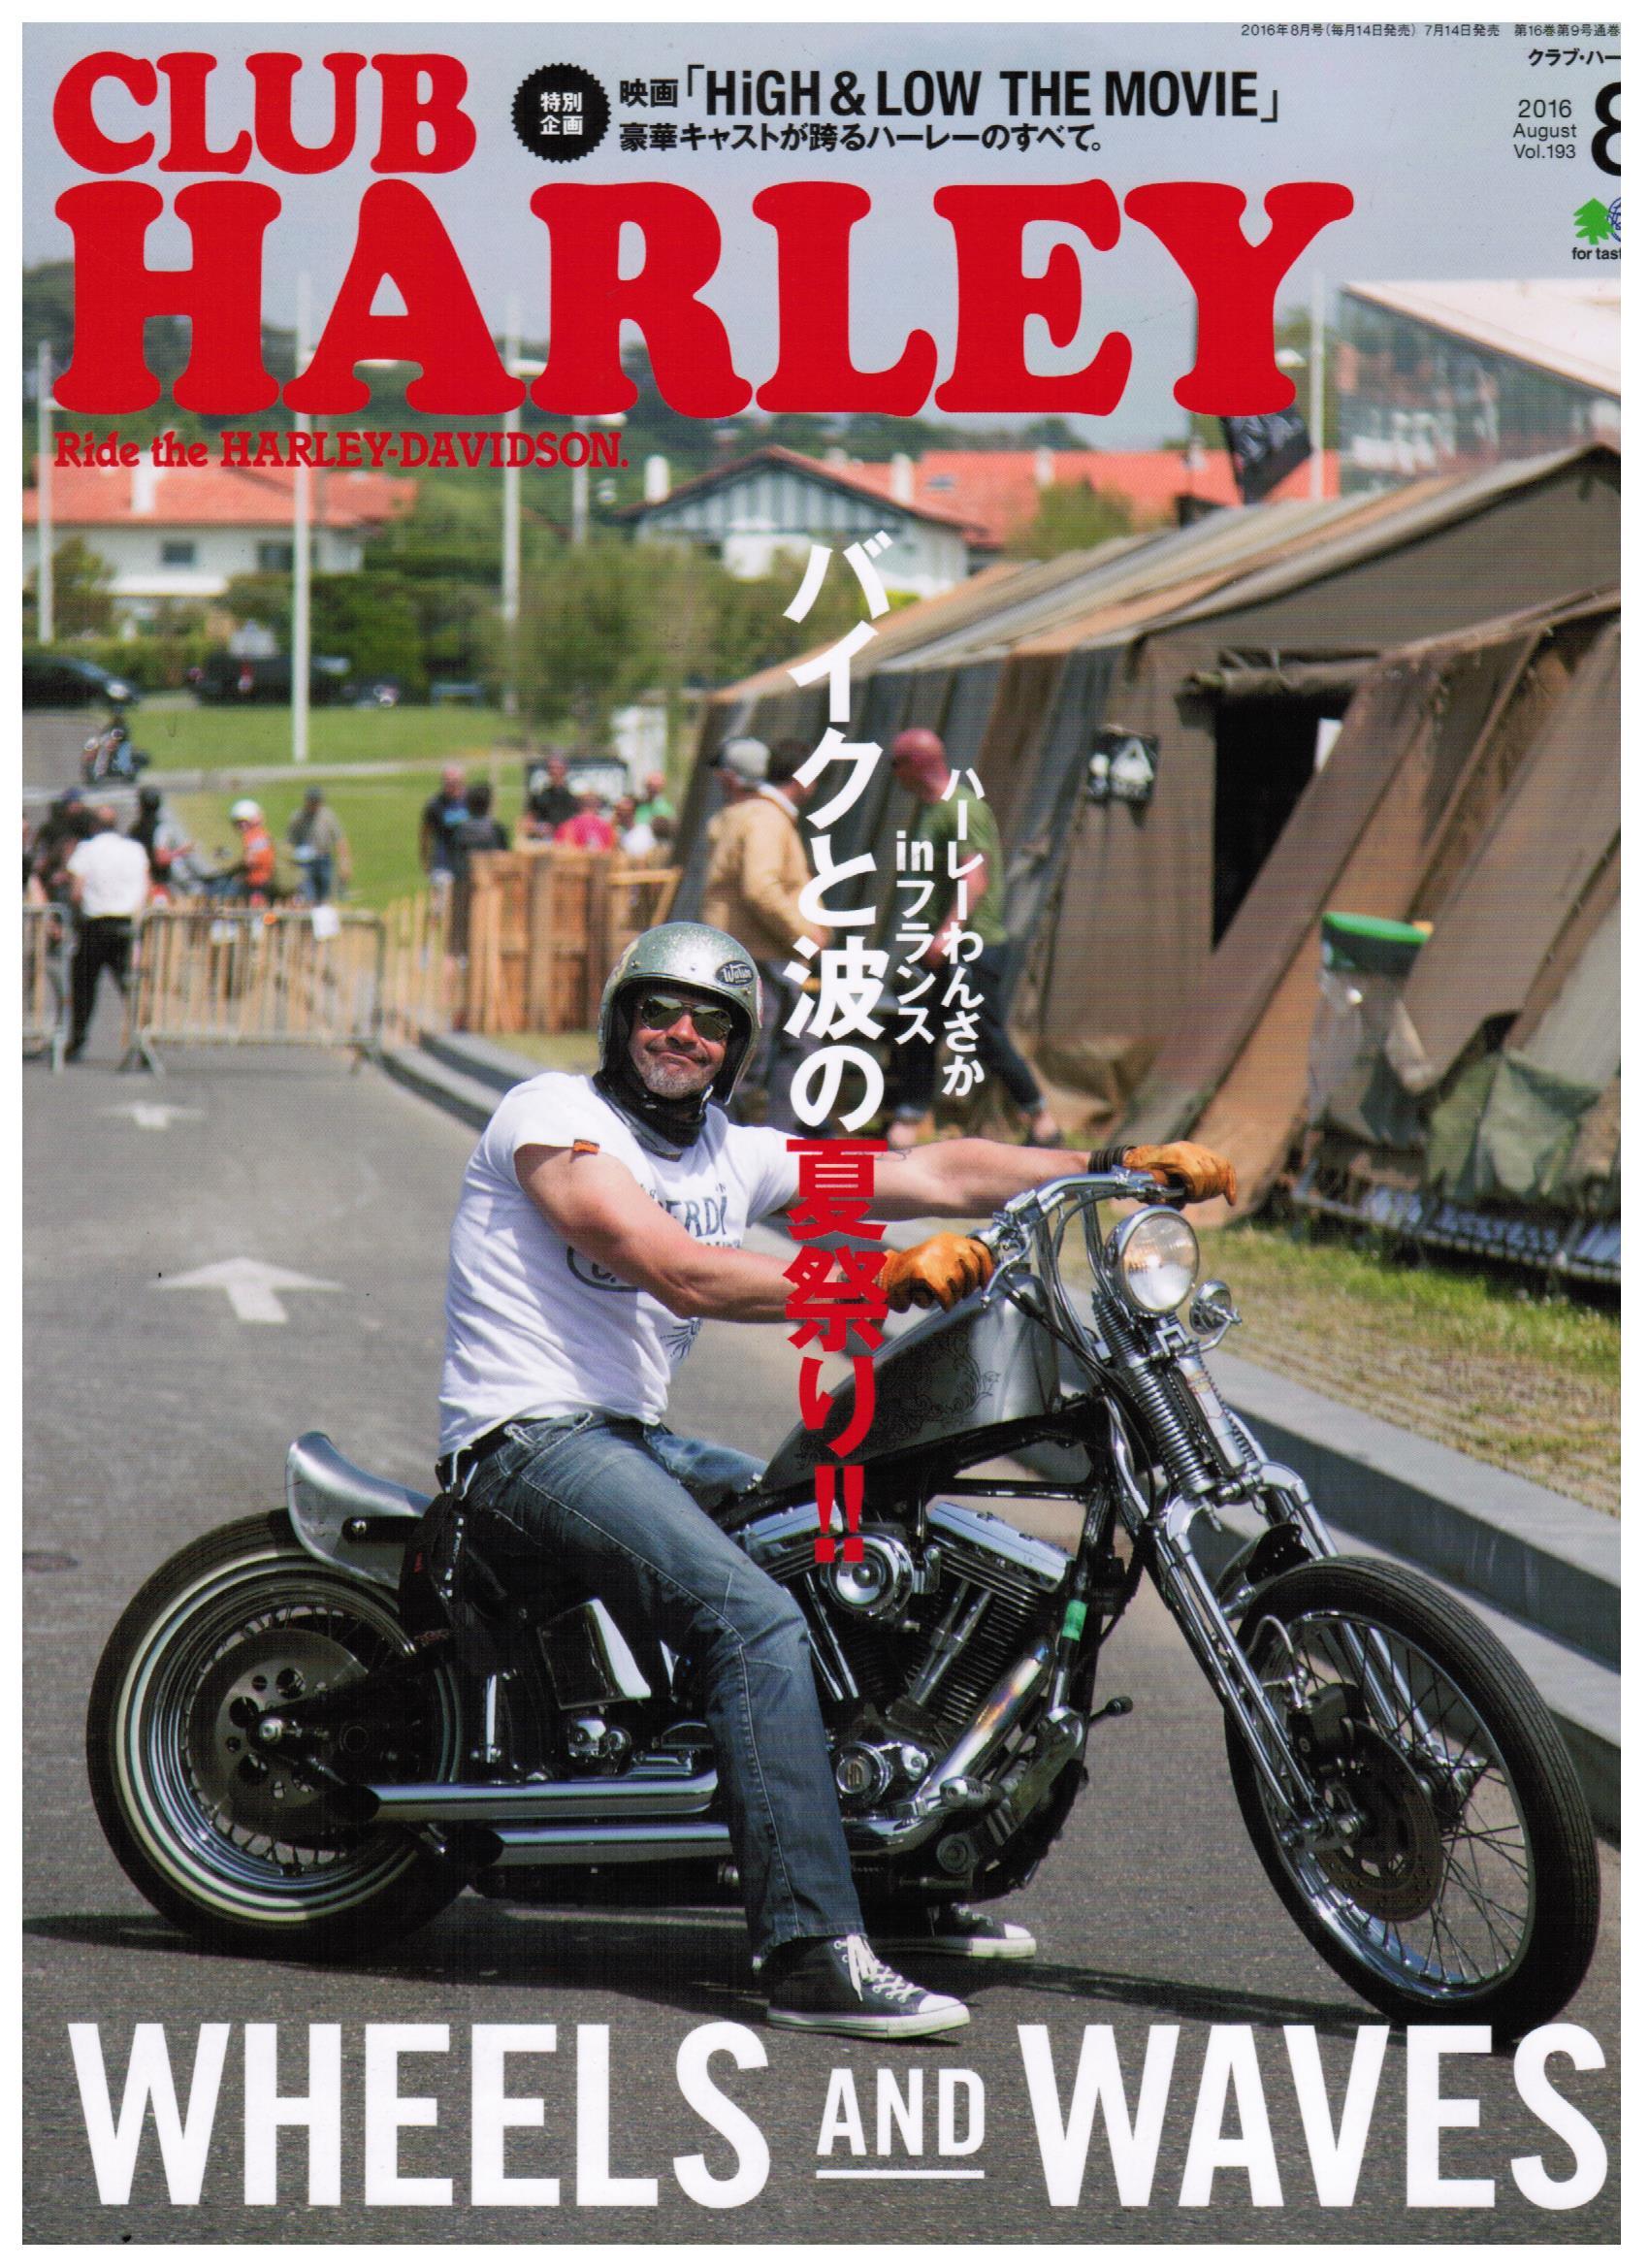 バイクと波の夏祭り!2016年08月号